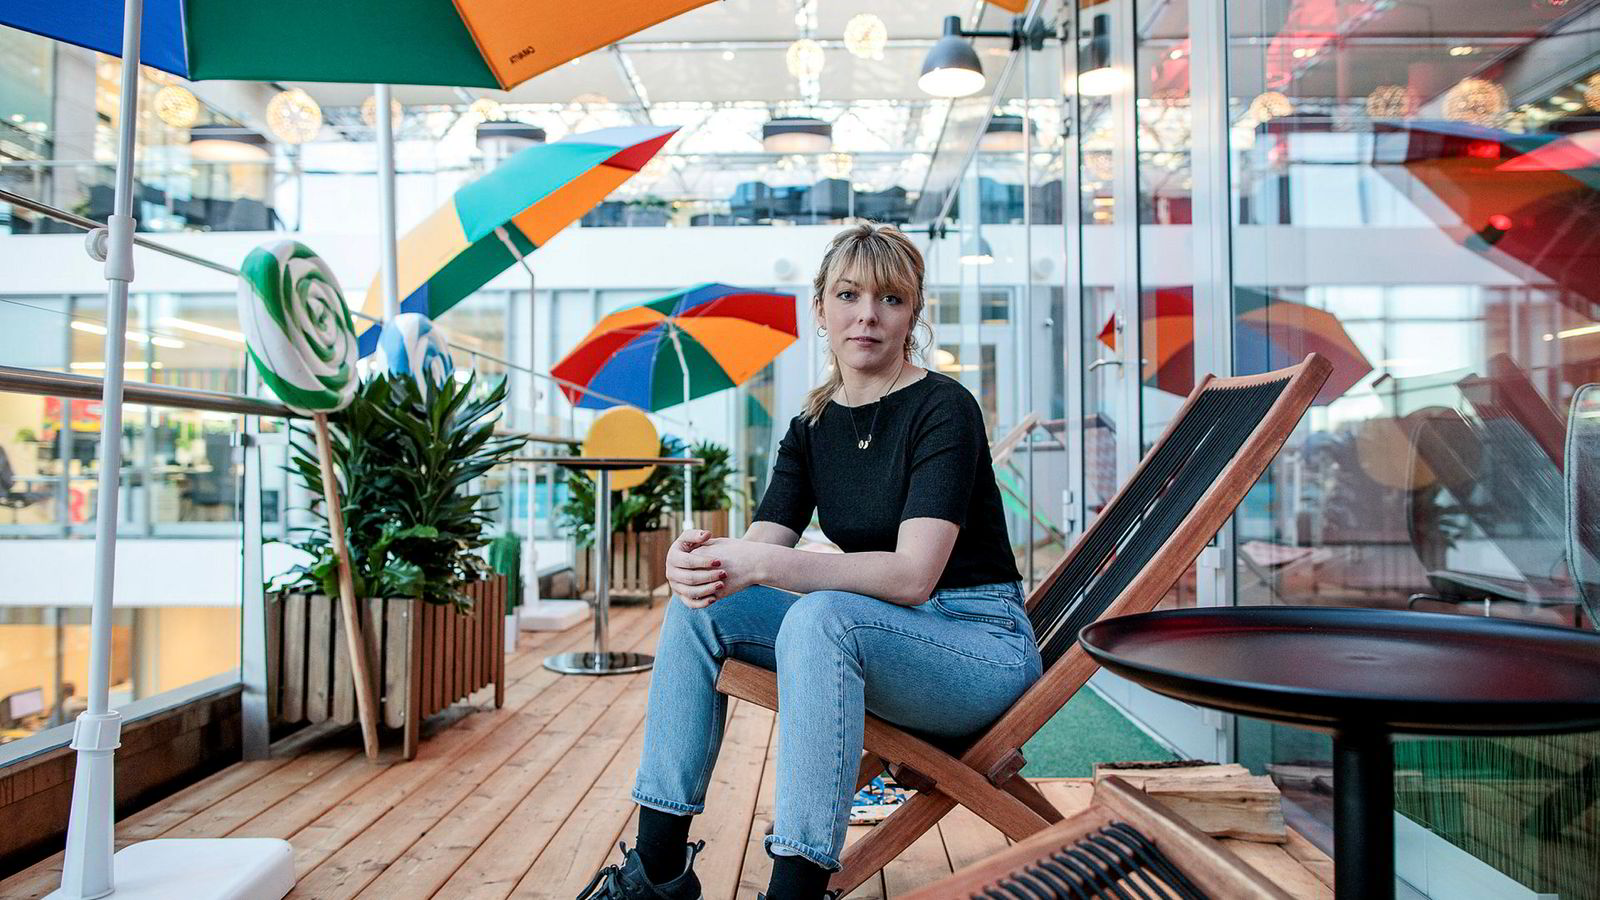 Kommunikasjonssjef Helle Skjervold i Google Norge vil ikke uttale seg om enkeltsaker, men sier at alle tips om lenkemanipulering ettergås av Google